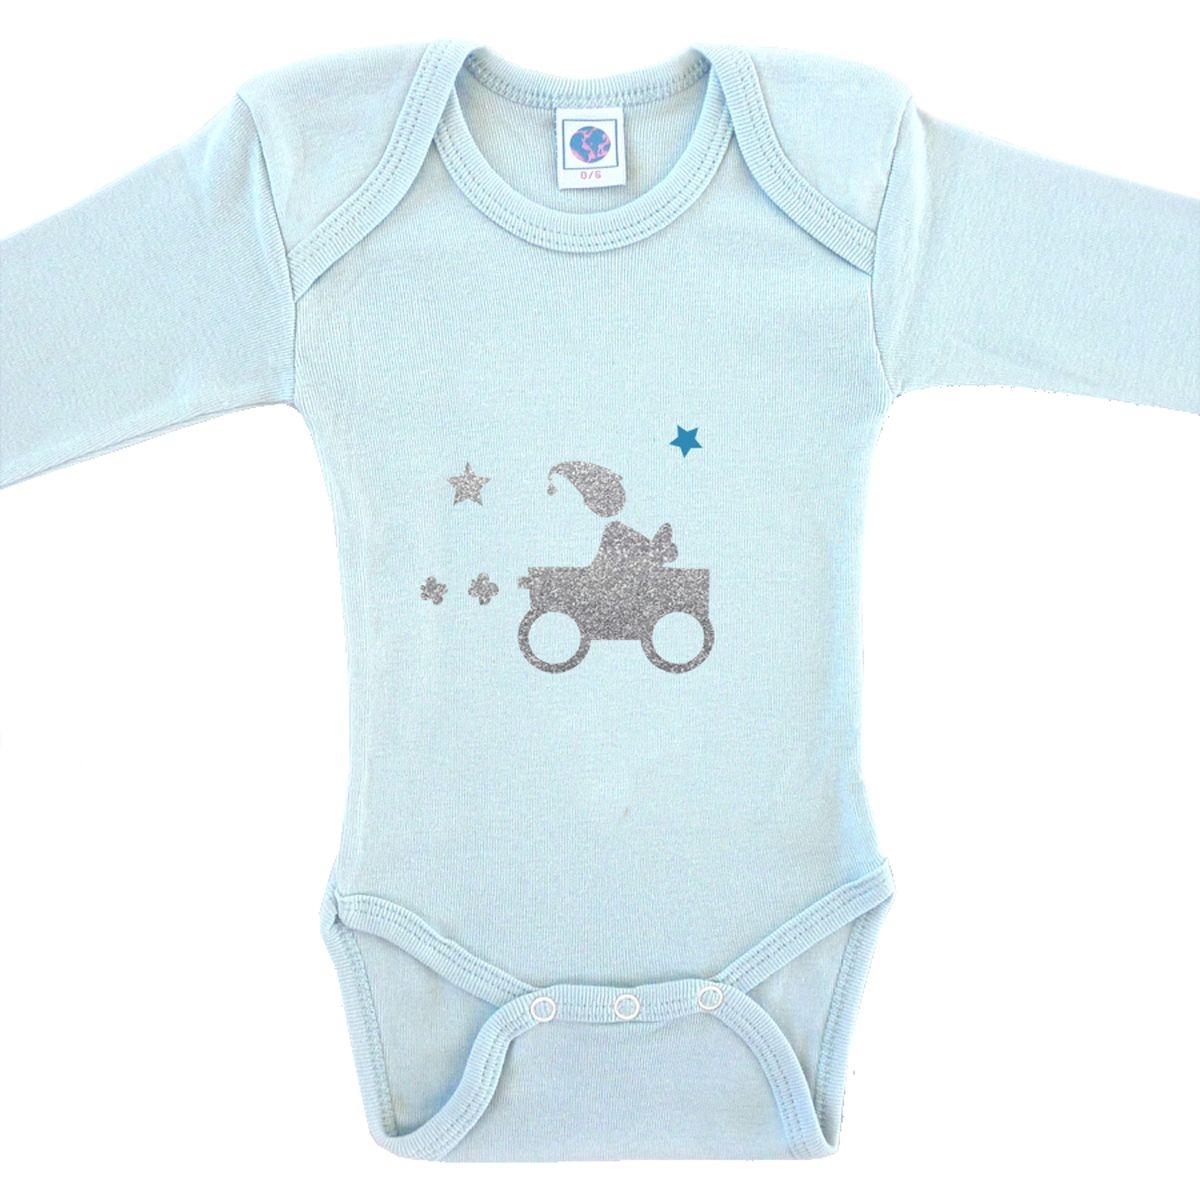 Body bébé en coton manches longues bleu